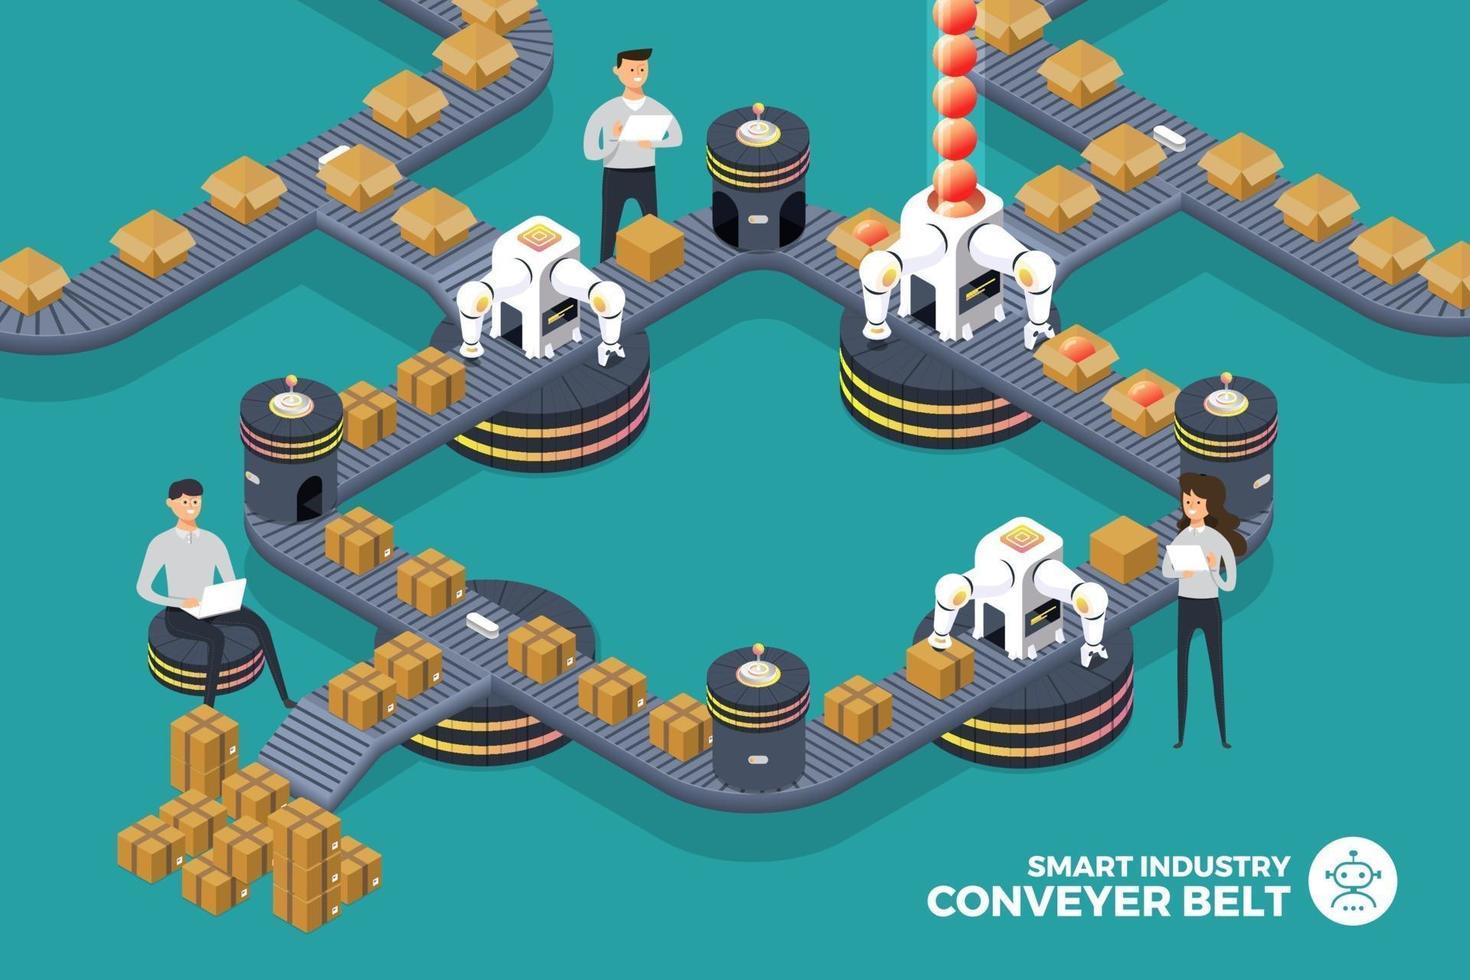 fabriek transportband. automatisering slimme verpakking. productie van robotarmen op de lopende band. isometrische vector